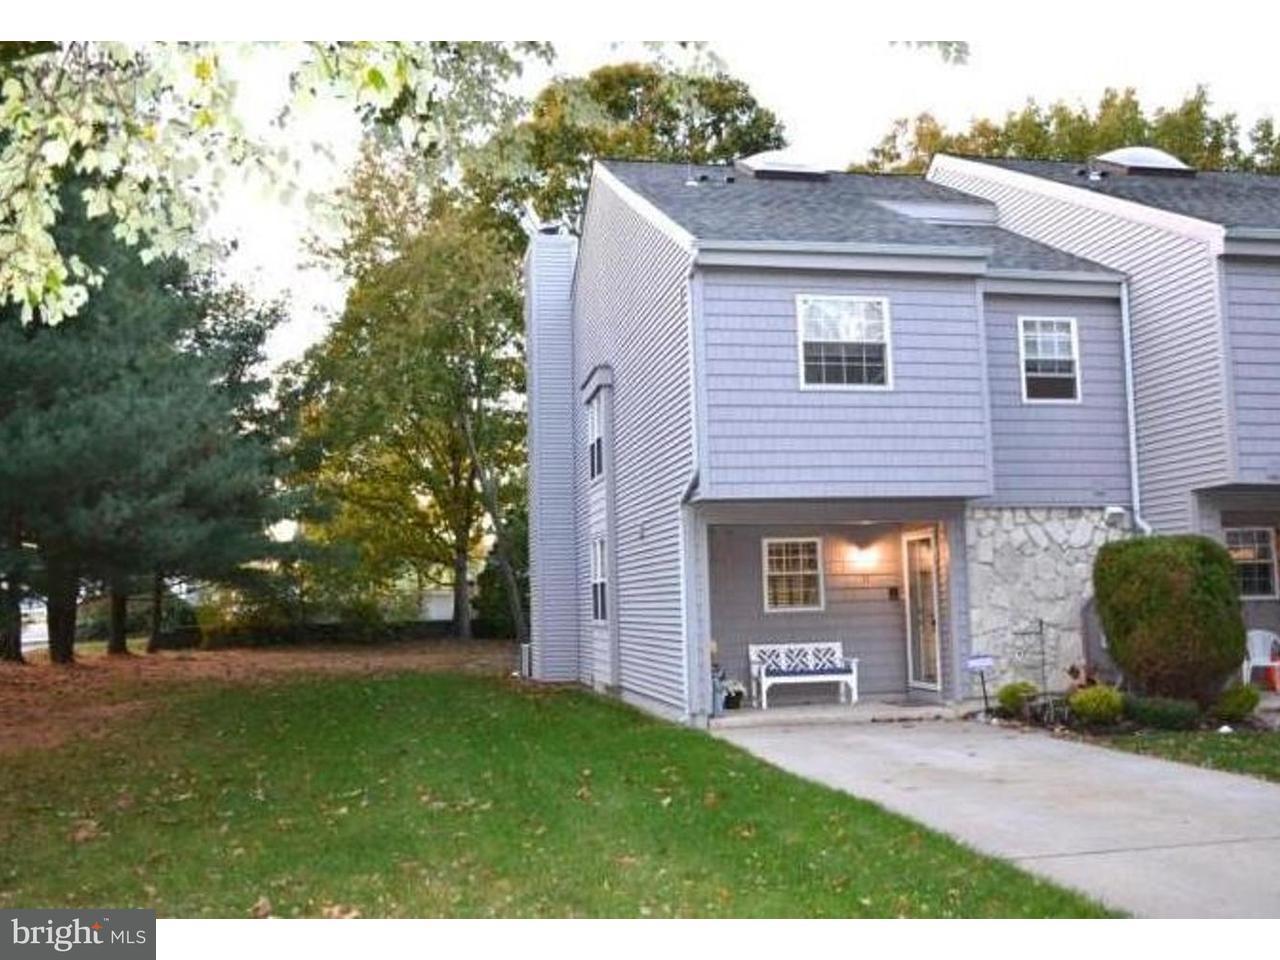 Casa unifamiliar adosada (Townhouse) por un Alquiler en 11 HARBOR Drive Hammonton, Nueva Jersey 08037 Estados Unidos